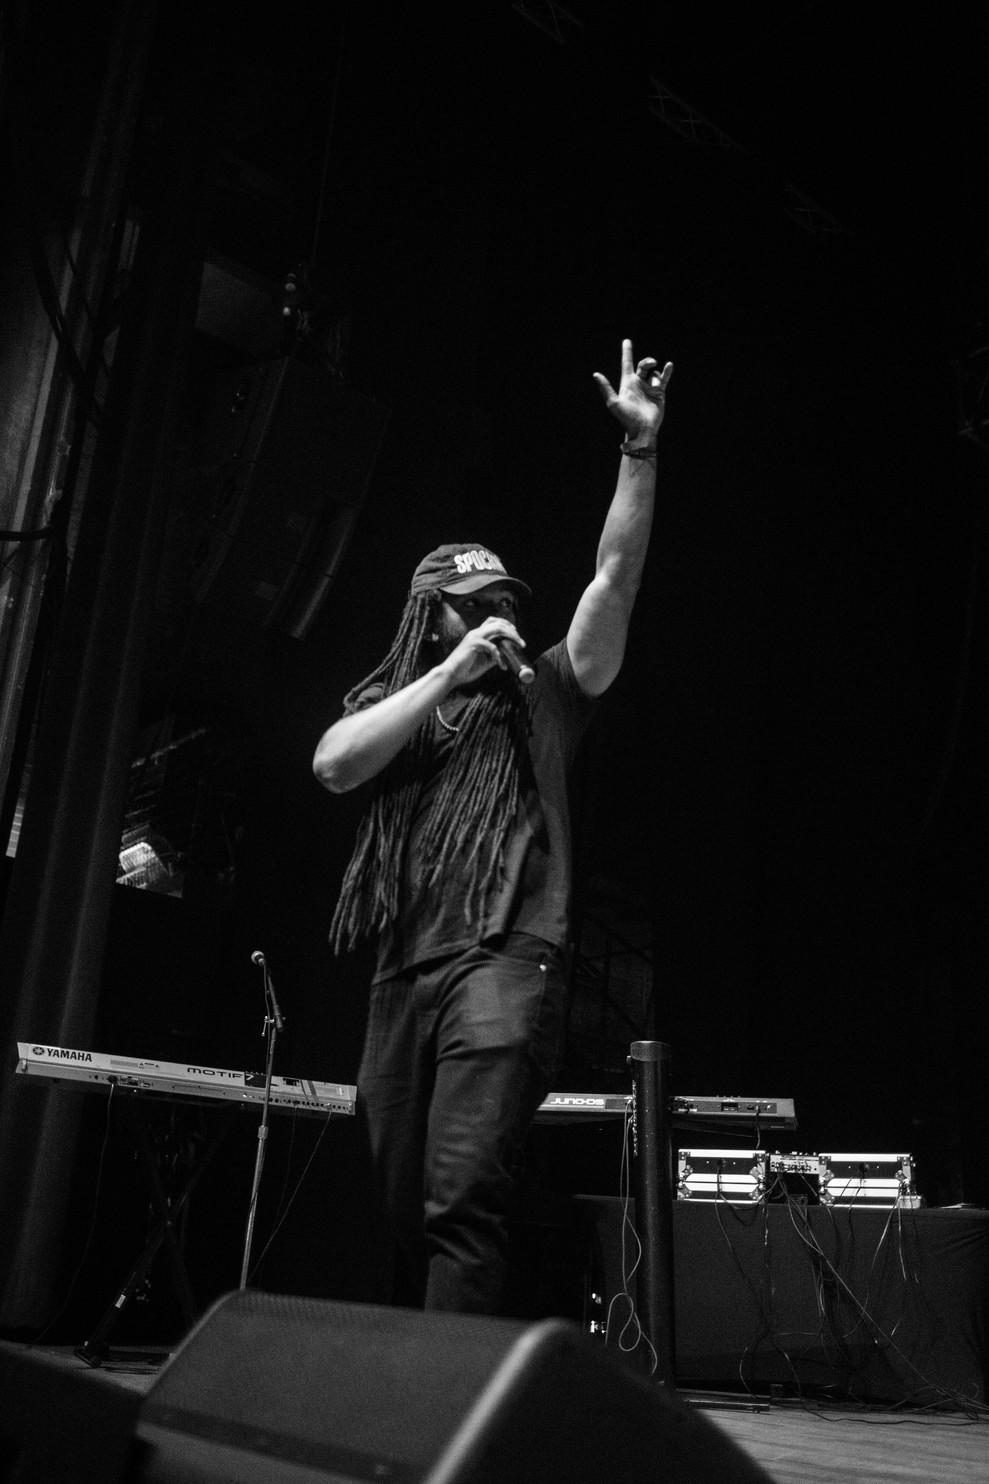 Photo recap: Opening for Redman/ Method man